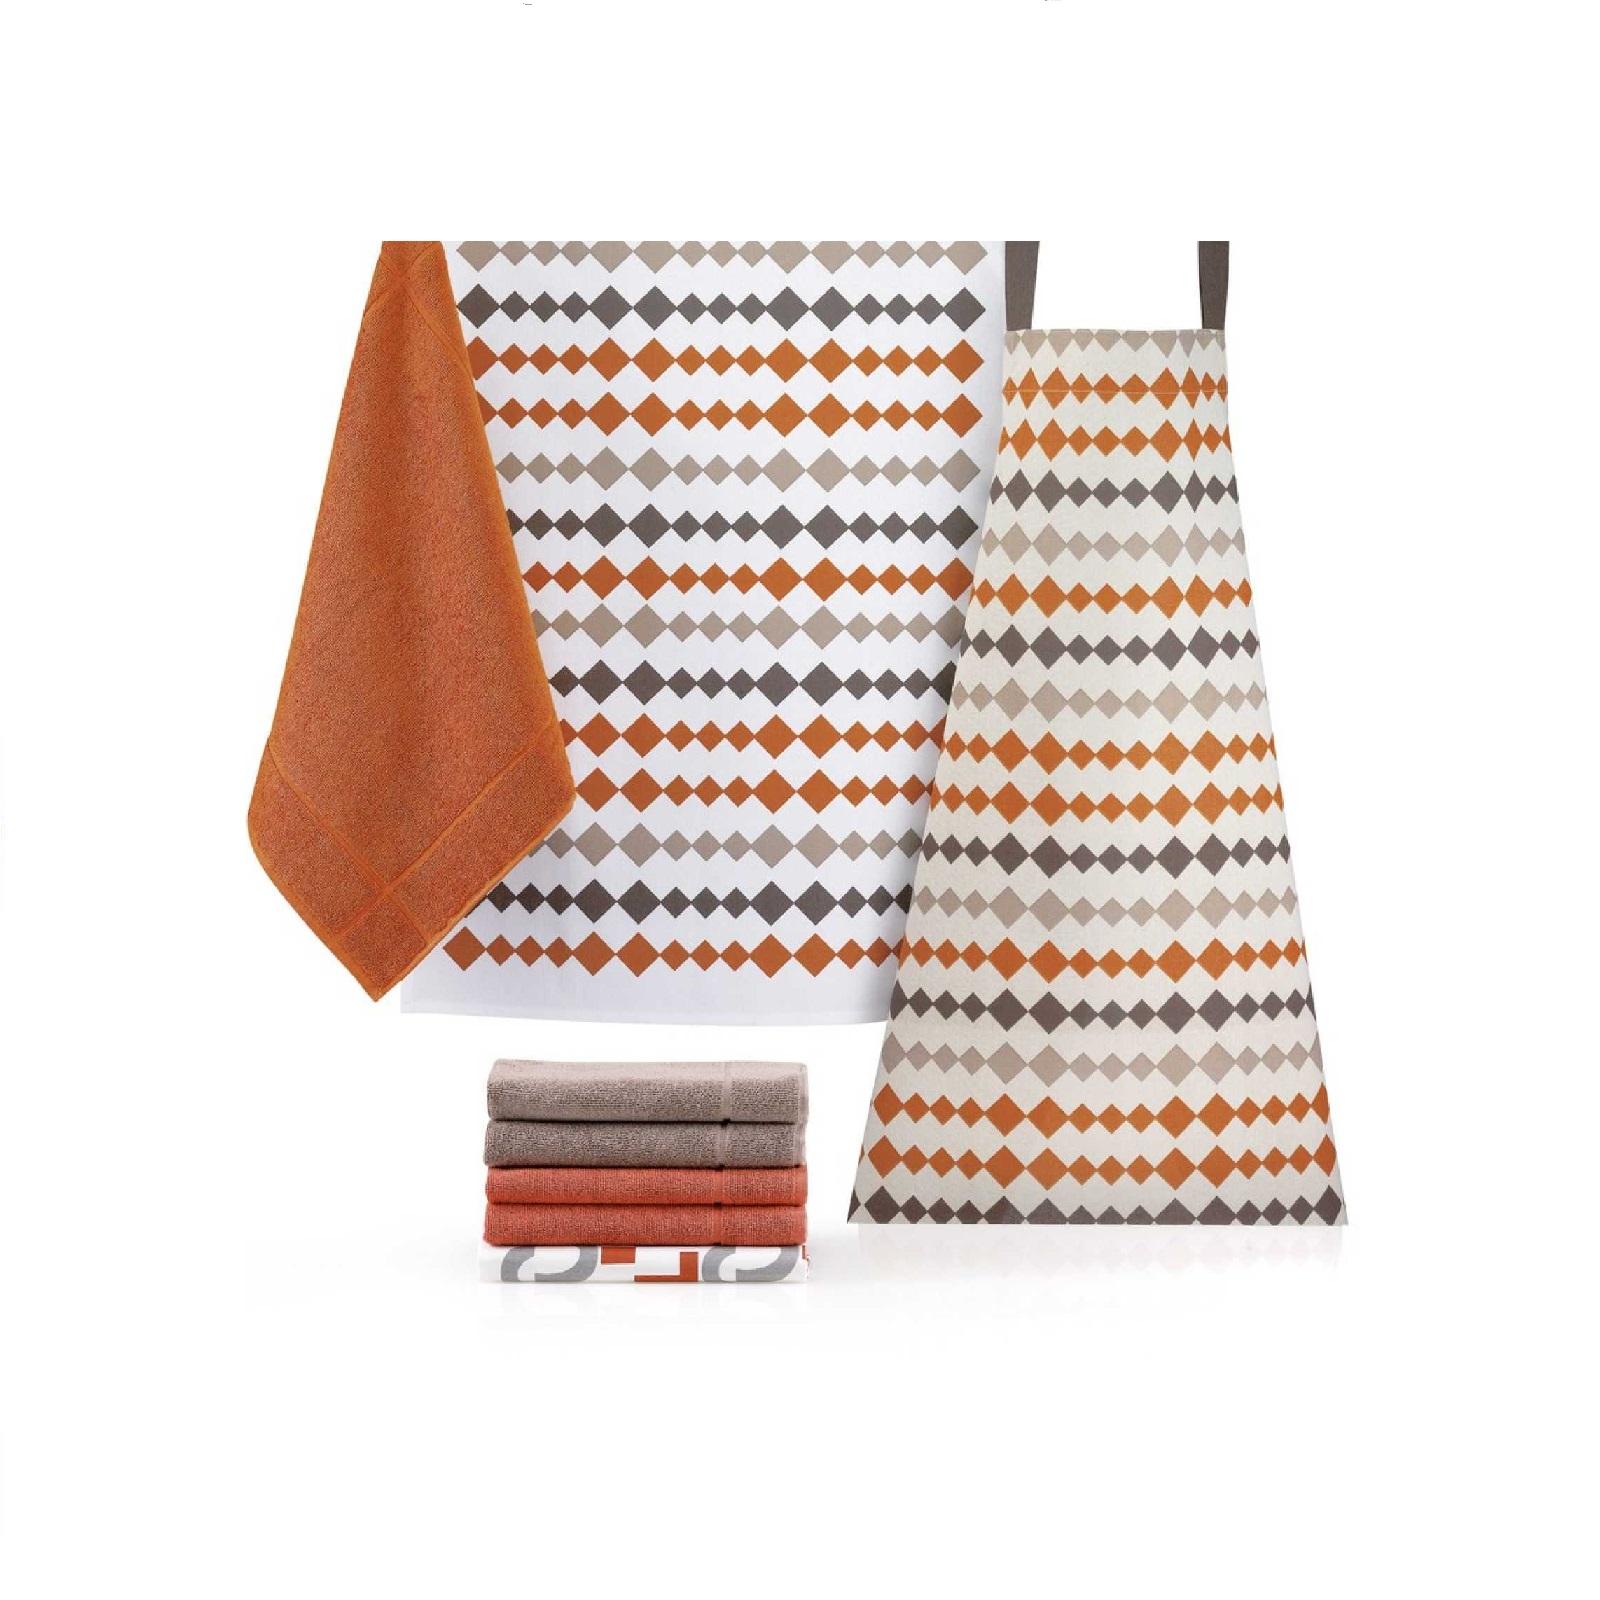 Полотенце кухонное Winkler FANTASY ORANGE, 50х70 см, оранжевый Winkler 7996015000 фото 1